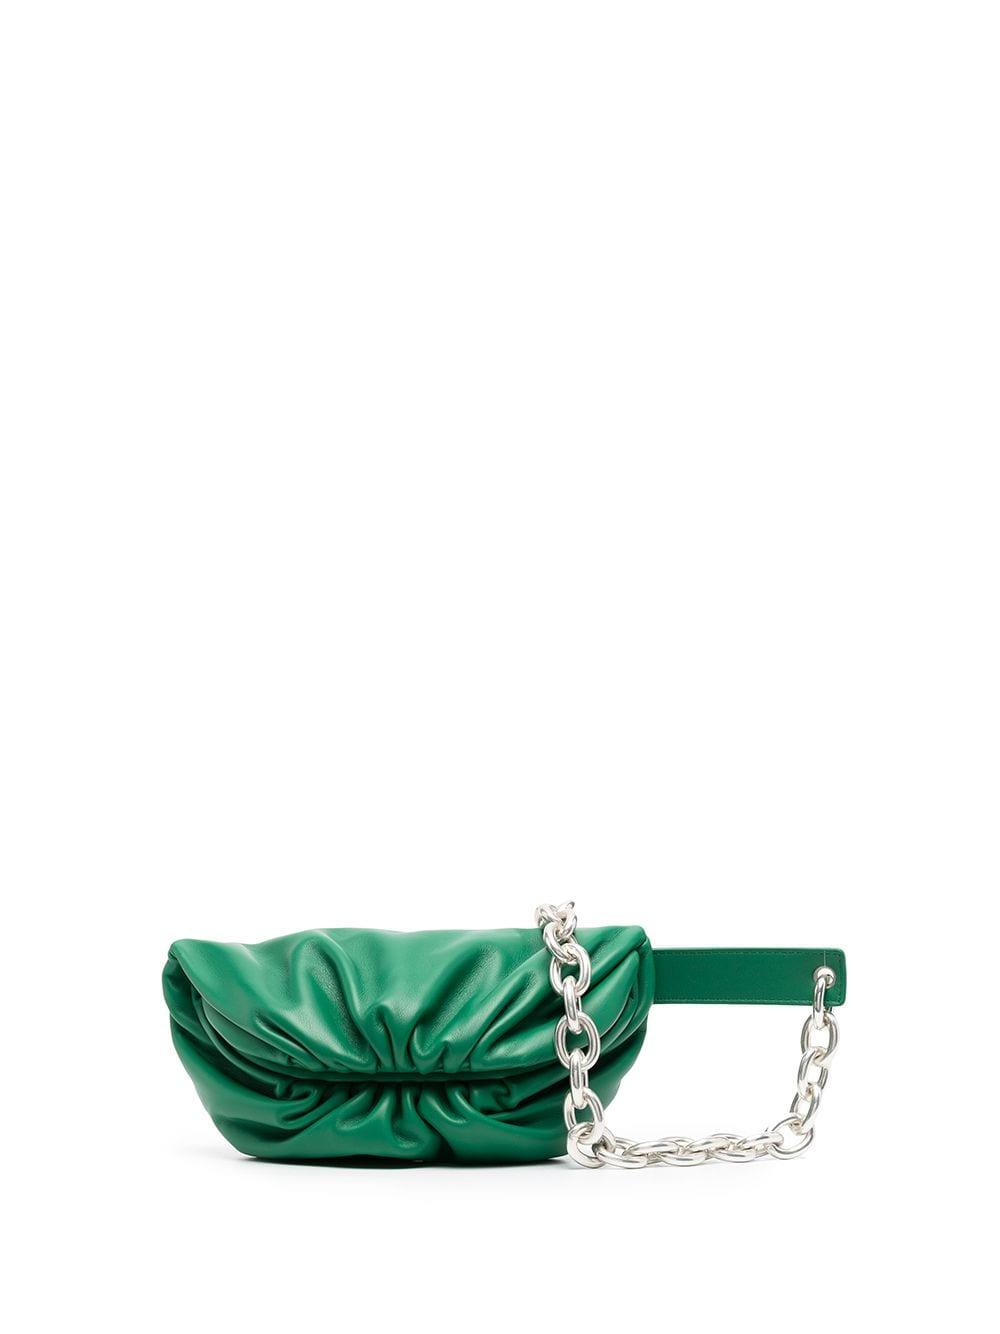 Bottega Veneta The Belt Chain pouch - Grün